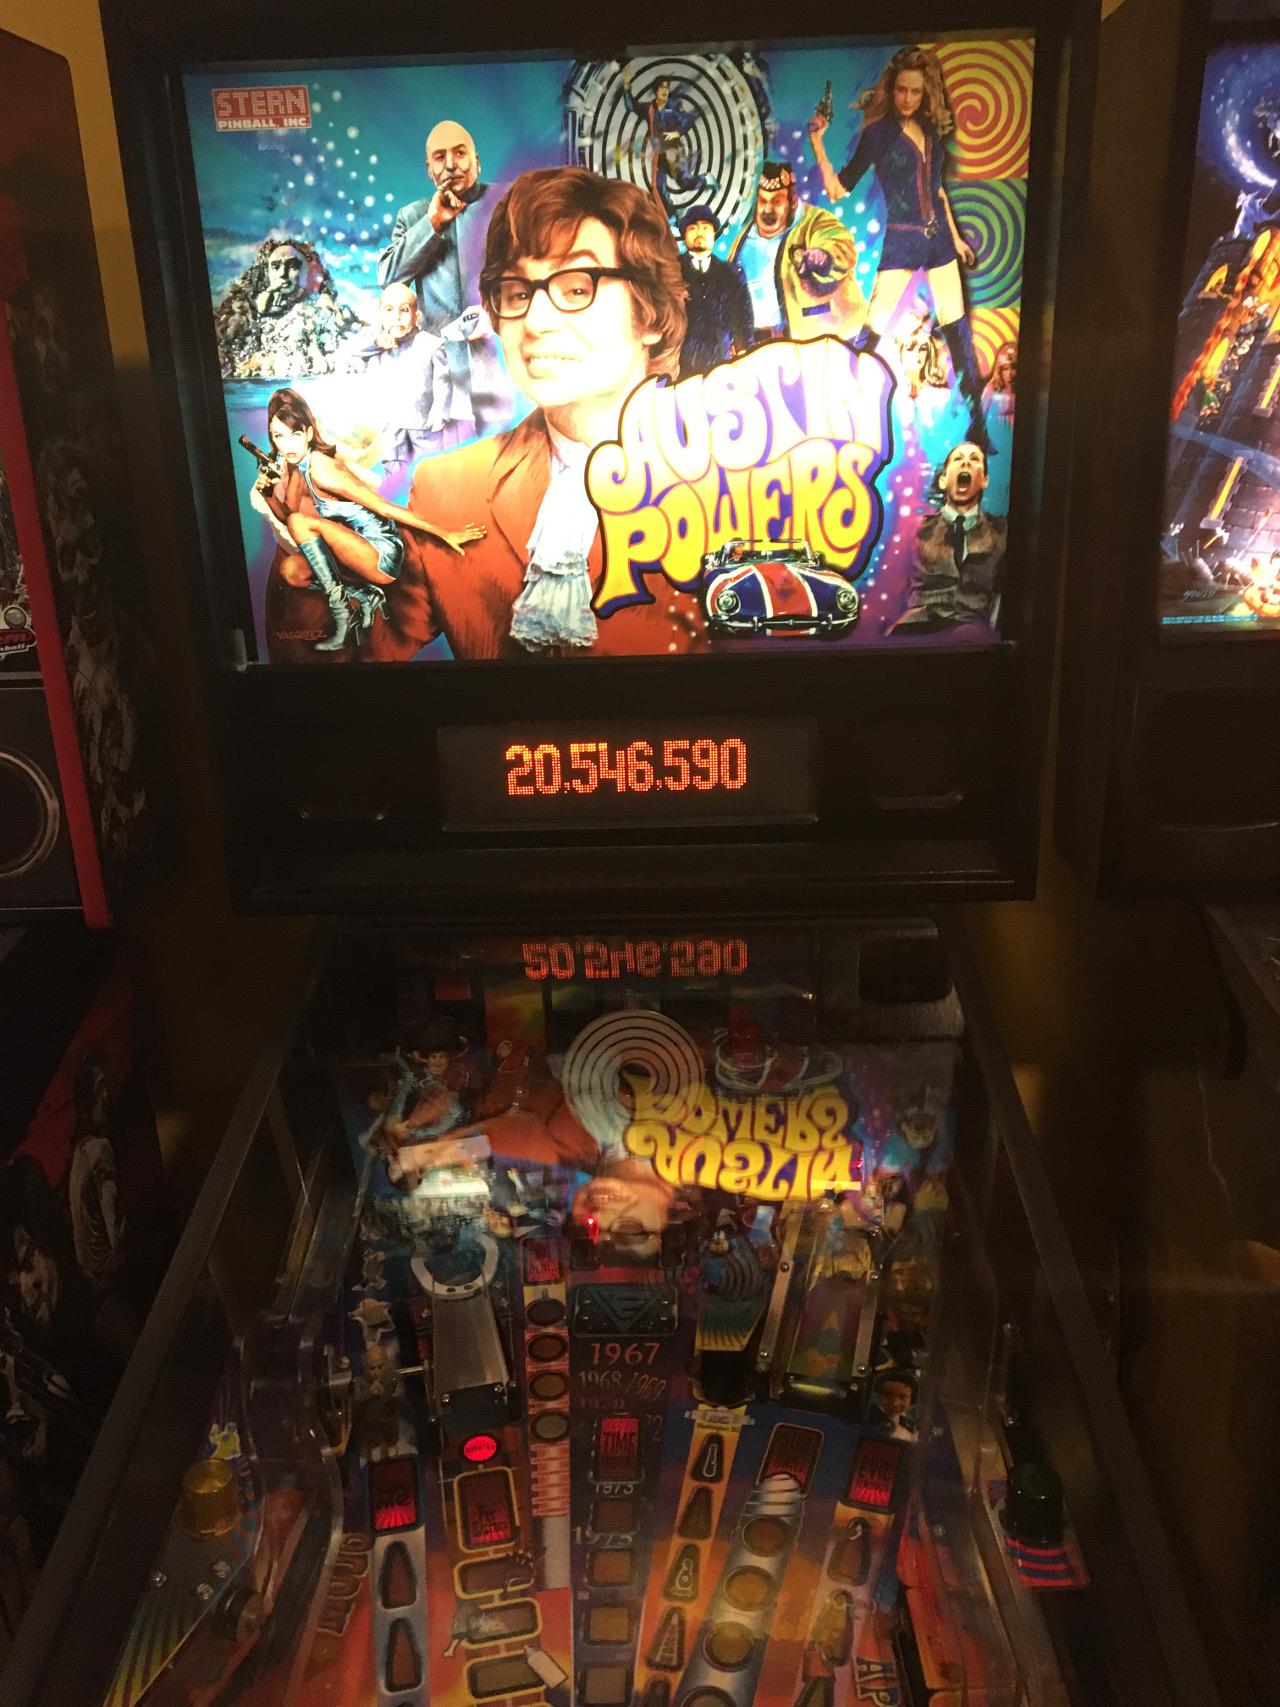 ILLSeaBass: Austin Powers (Pinball: 3 Balls) 20,546,590 points on 2016-11-23 00:58:31